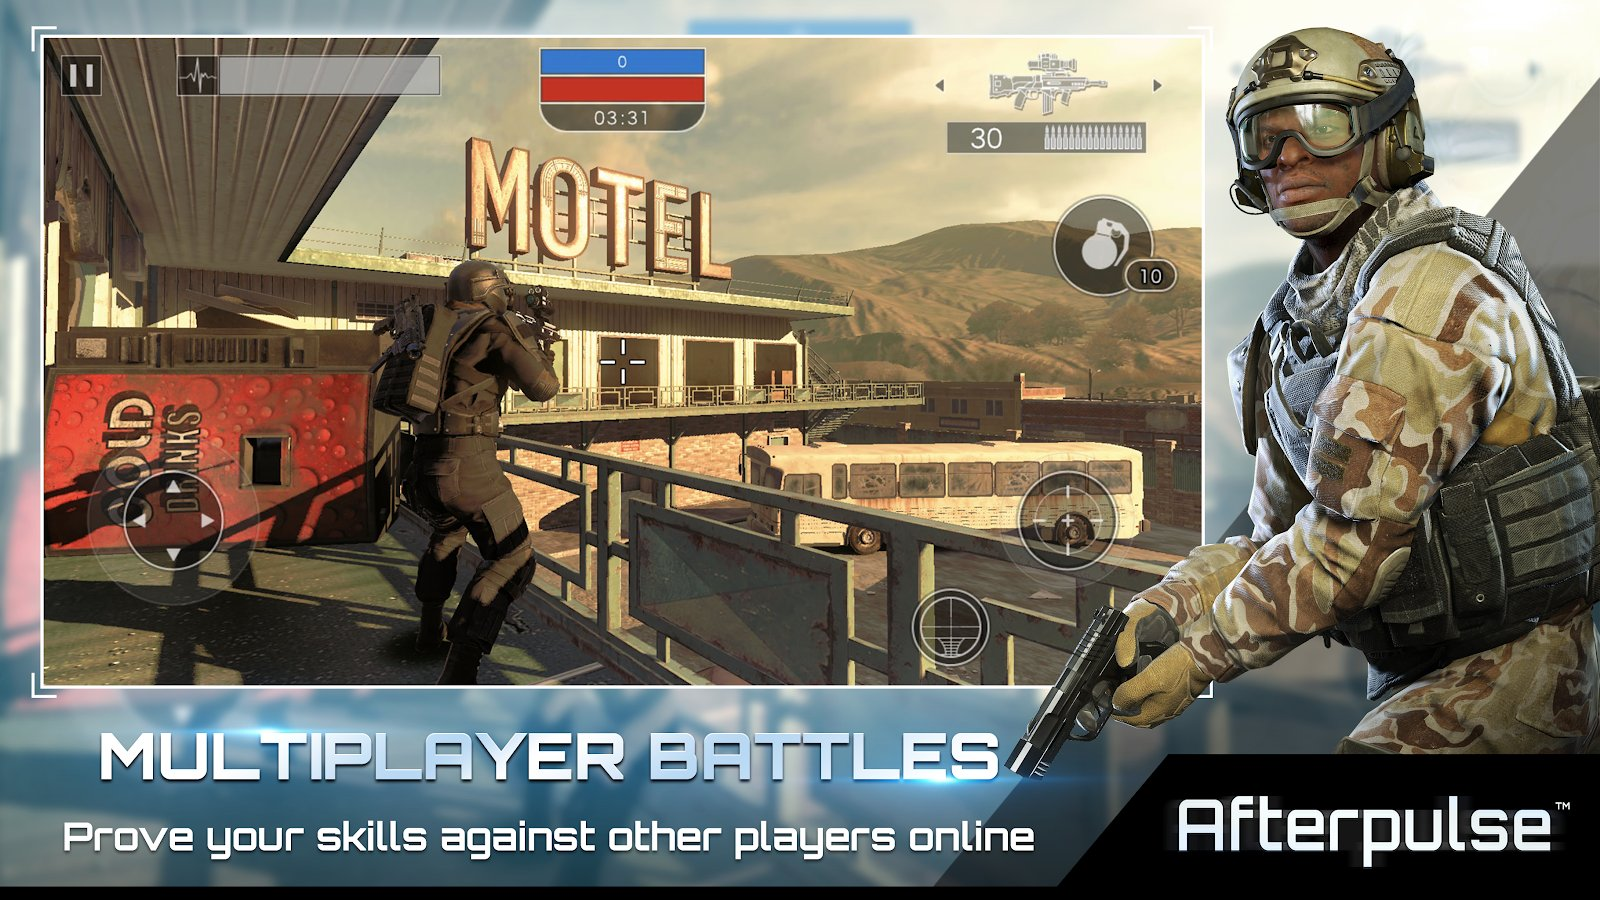 Afterpulse Screenshot